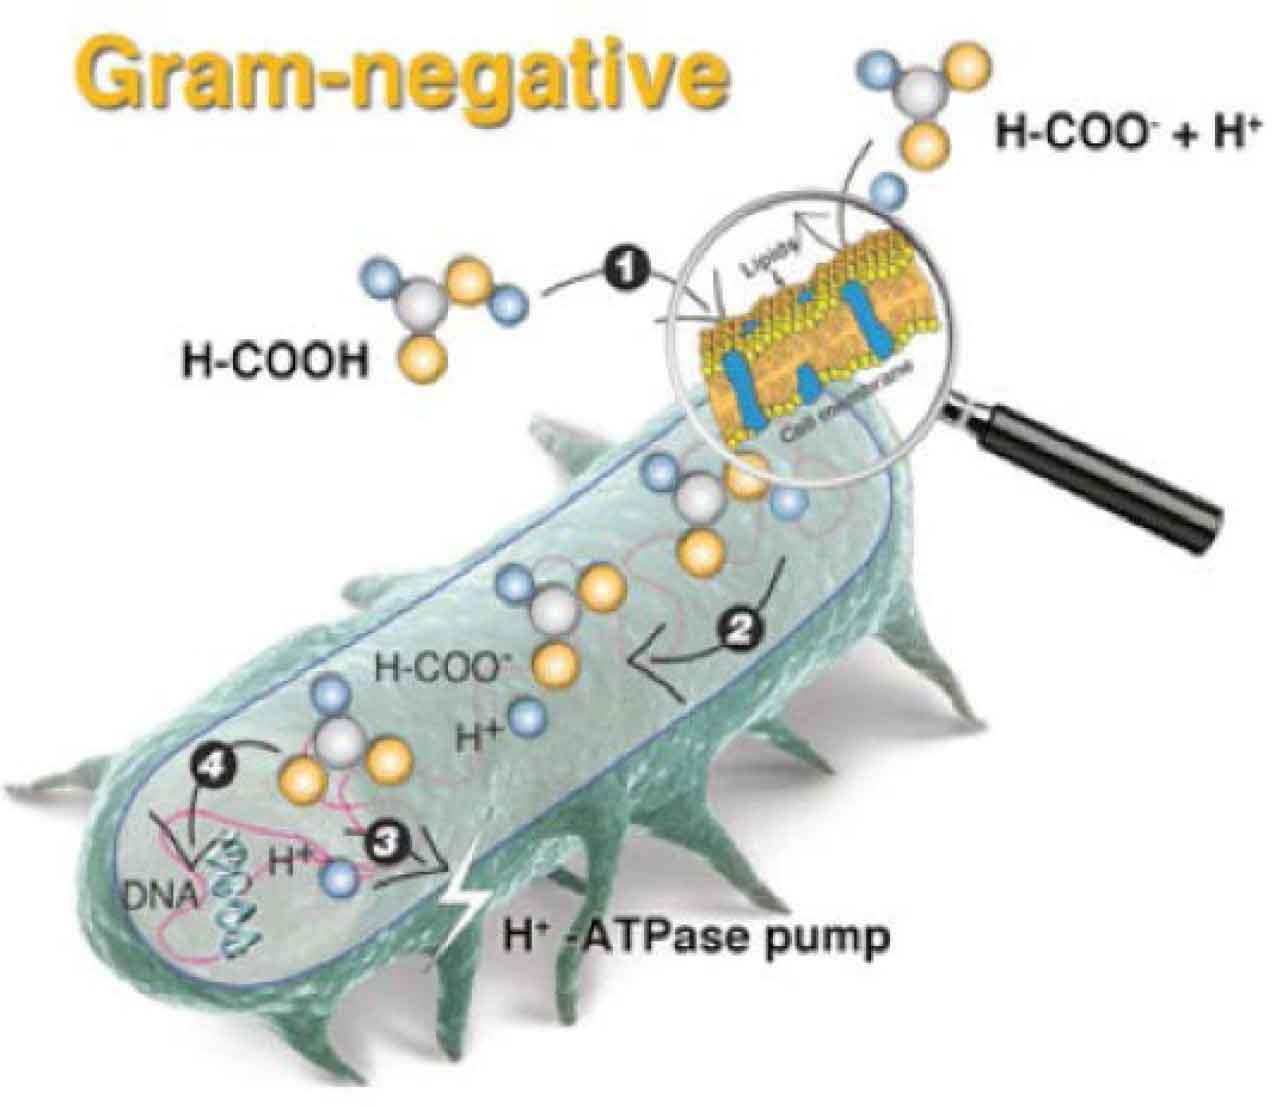 سرنوشت اسید آلی درون باکتری گرم منفی